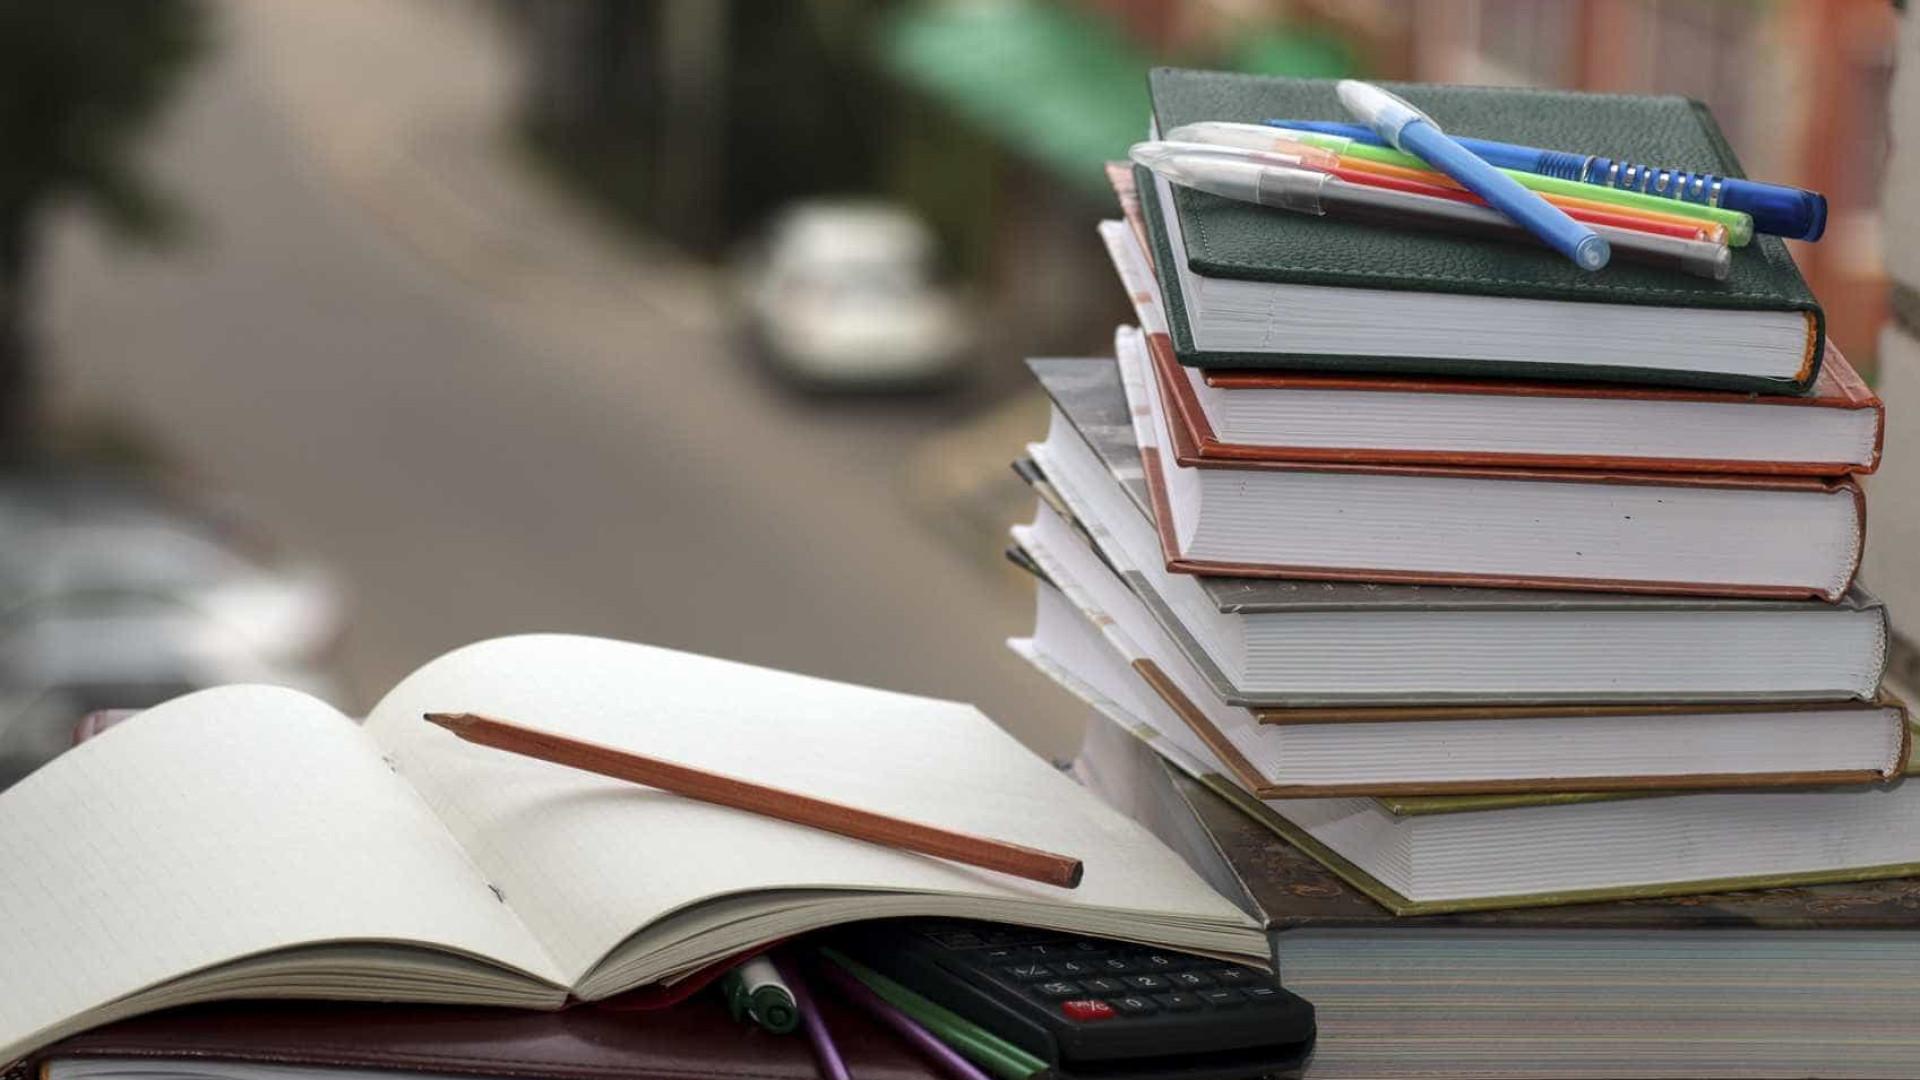 Instituto Português do Oriente em Macau sensibiliza jovens para leituras